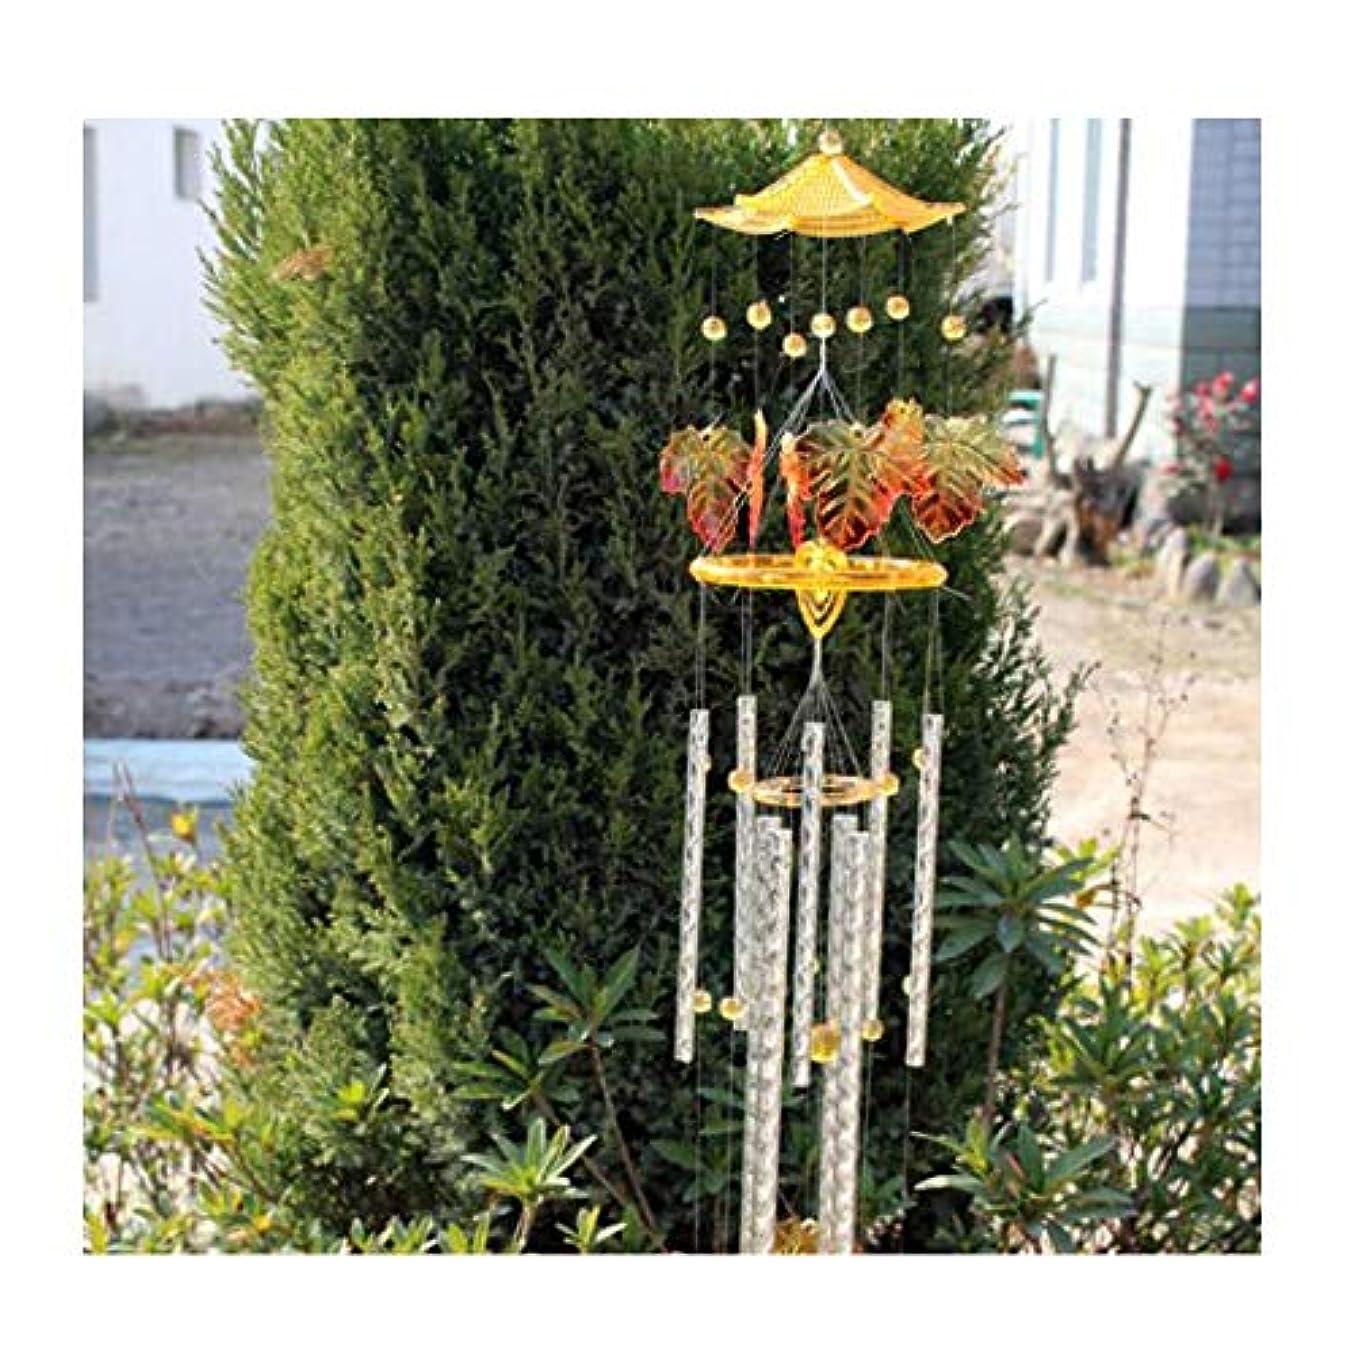 物理ゆりかごハイブリッド風鈴、創造的なカエデの葉9チューブ風鈴飾り、家庭のリビングルームベッドルーム中庭の装飾、毎日の贈り物 (Color : Yellow, Size : 90cm)